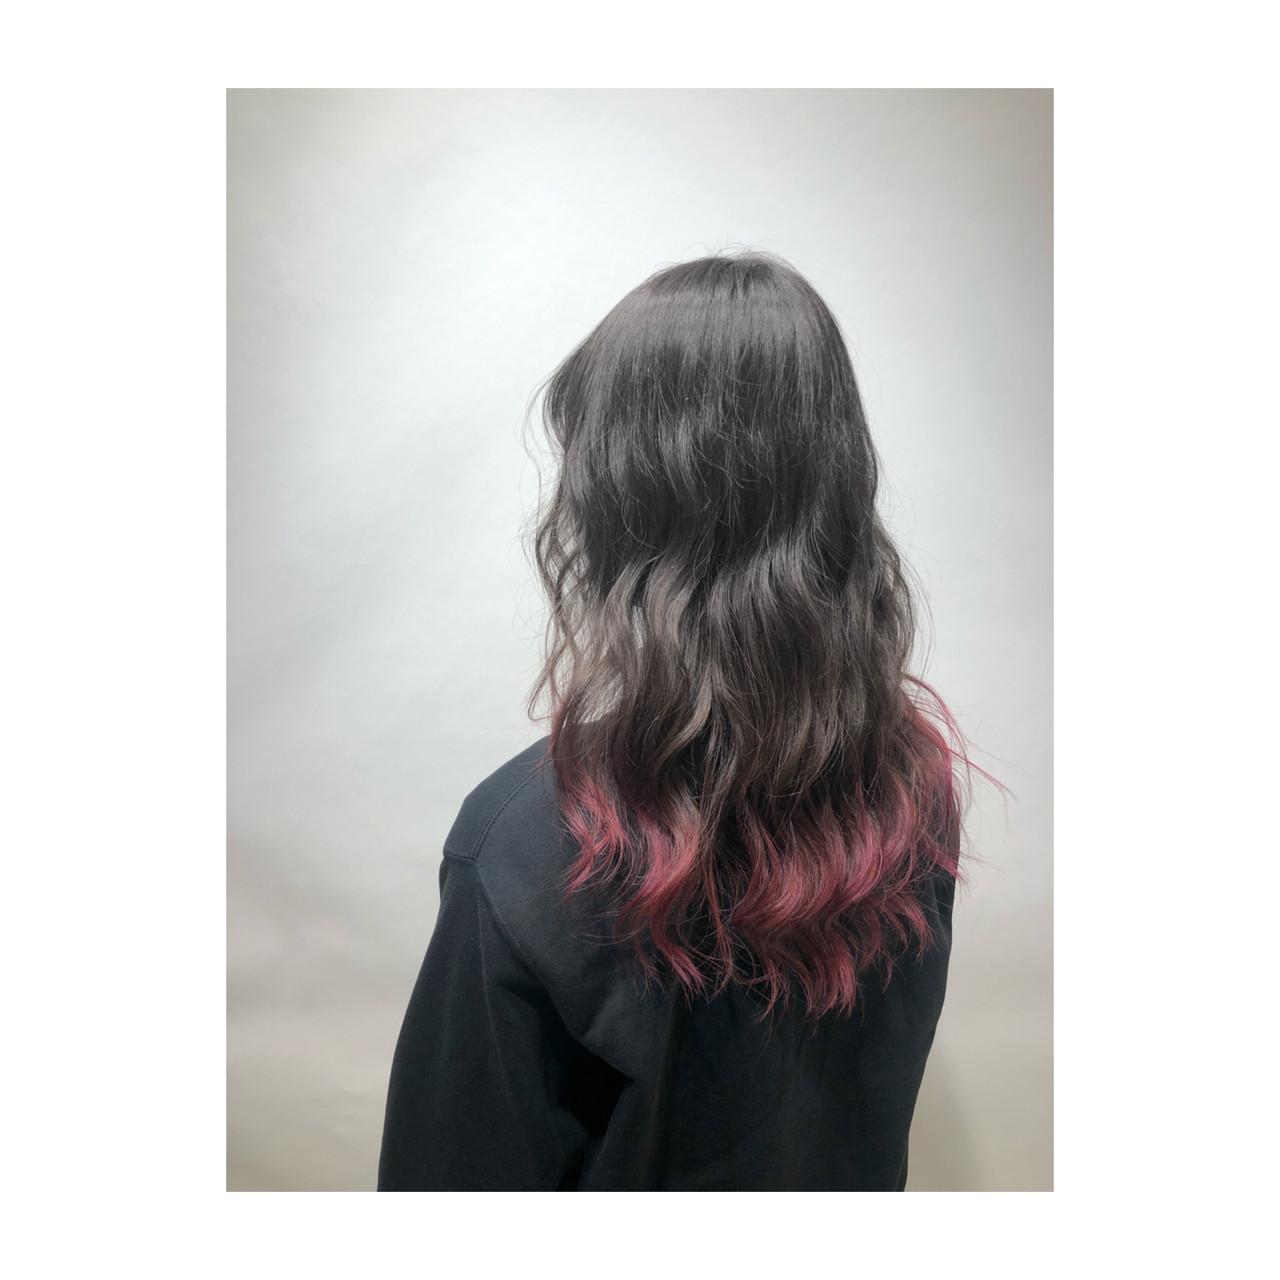 セミロング ラベンダーピンク ピンクバイオレット フェミニン ヘアスタイルや髪型の写真・画像 | 武石凌兵 / EARTH荻窪店